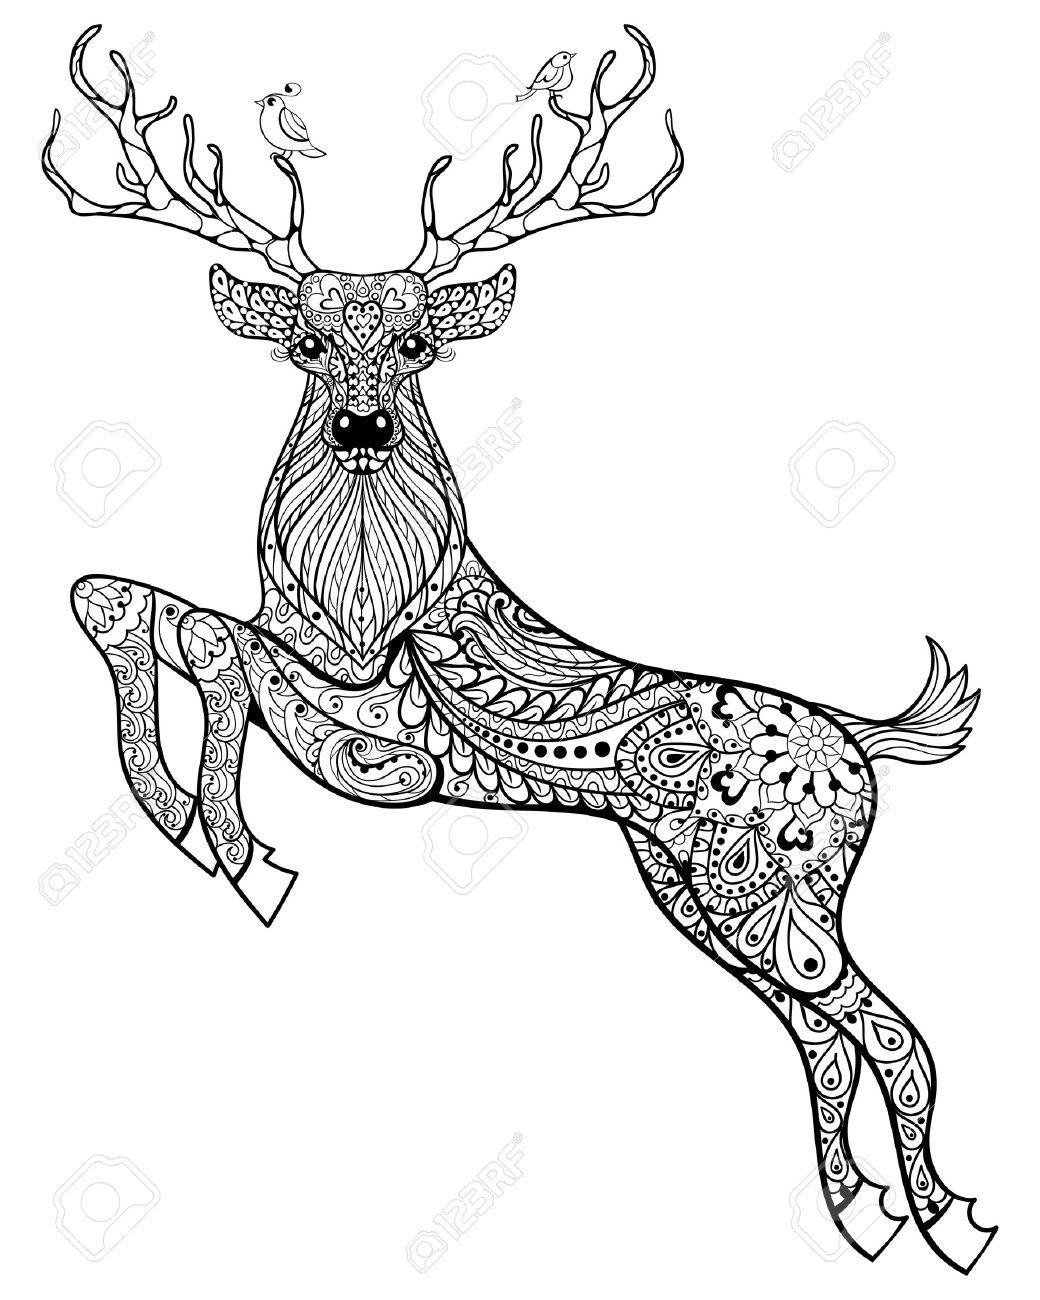 Dibujado A Mano Ciervos Cuernos Magia Con Aves Para Adultos Anti ...